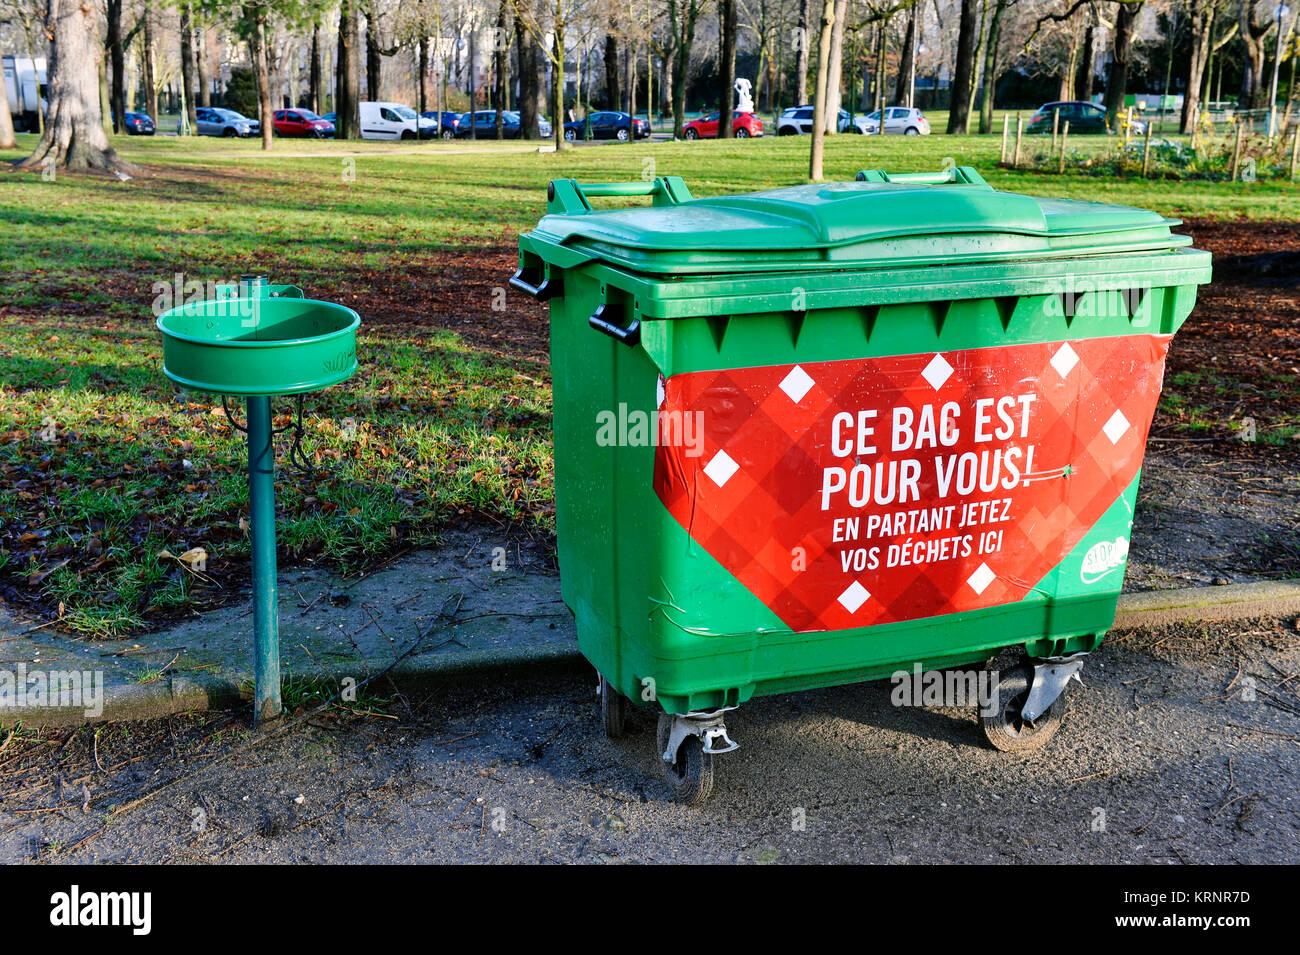 Garbage can - Bois de Boulogne - Paris 16th - france - Stock Image